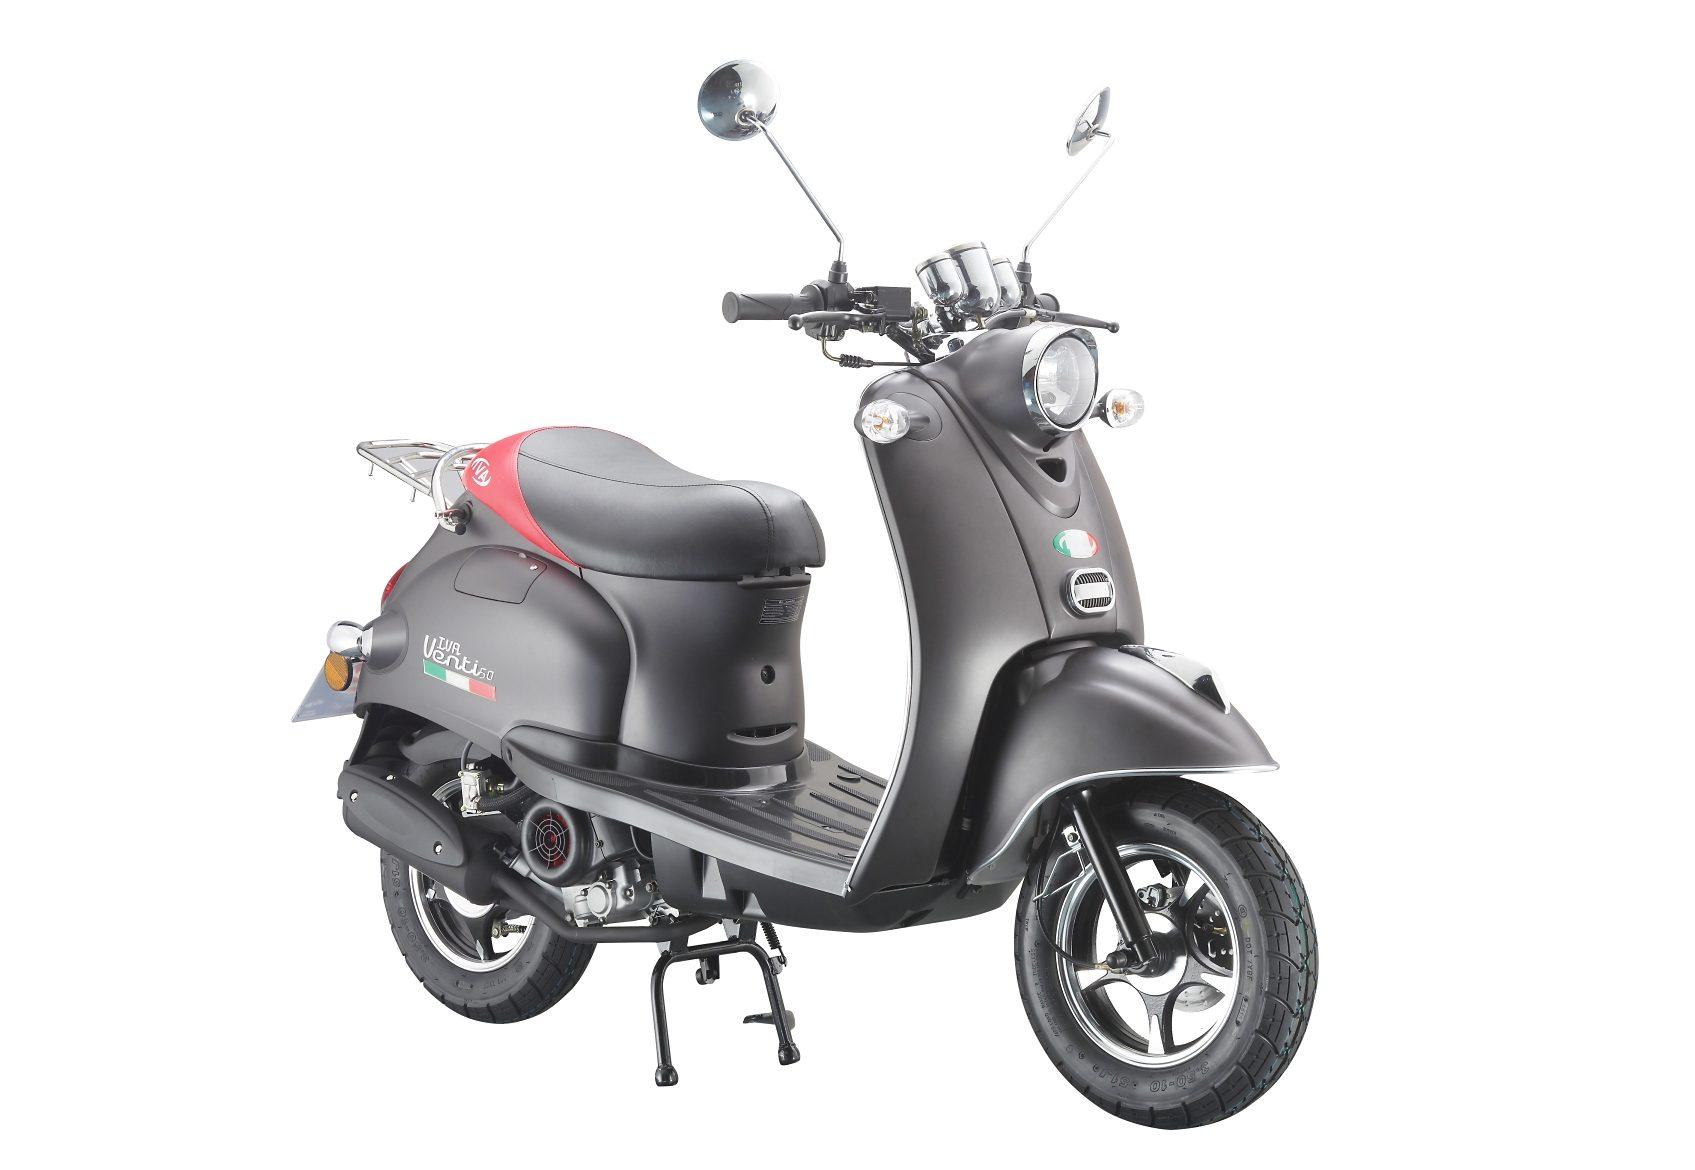 Mofaroller »VENTI 50«, 50 ccm 25 km/h, für 1 Person, mattschwarz/rot